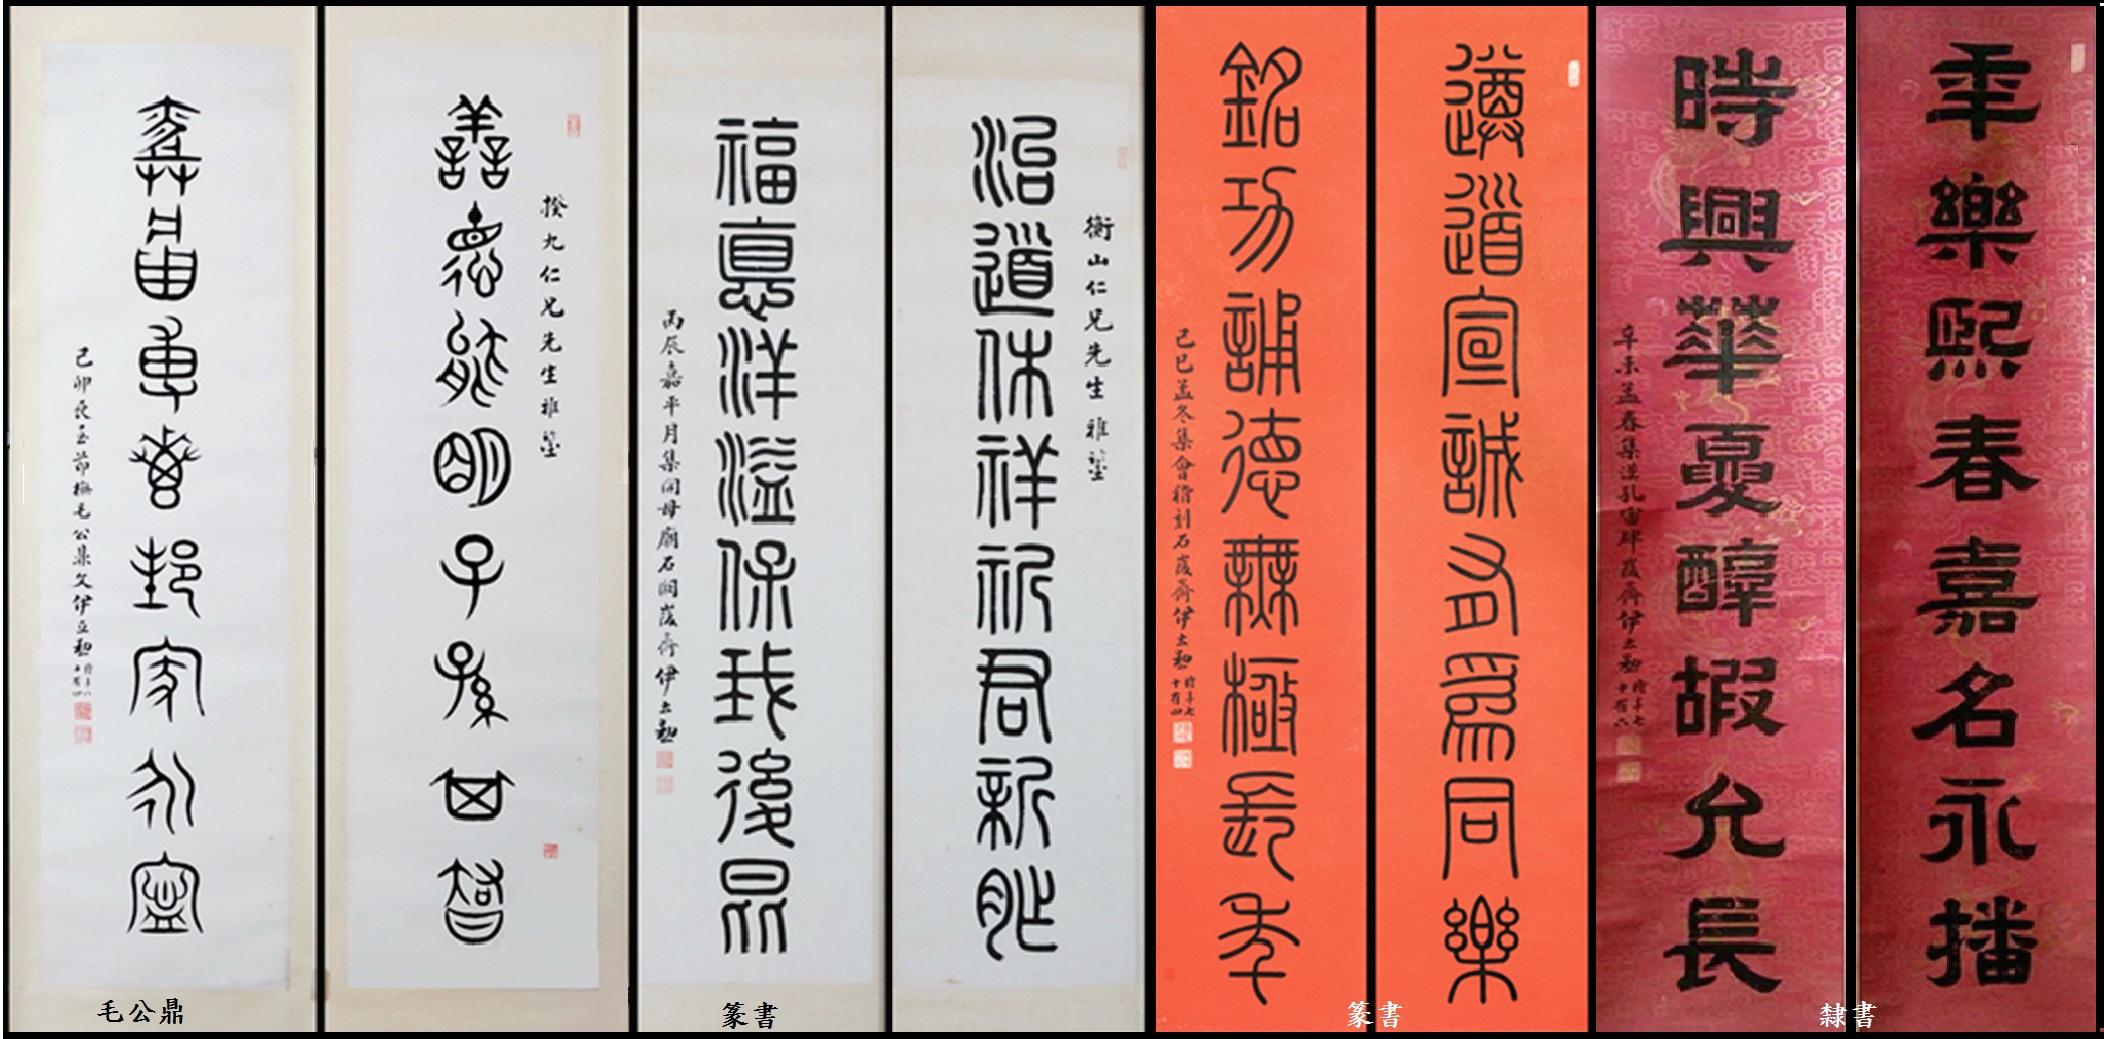 伊立勛、書法、名家、筆墨、手跡欣賞、毛公鼎書法字體八言聯、篆書對聯、隸書楹聯、賞析